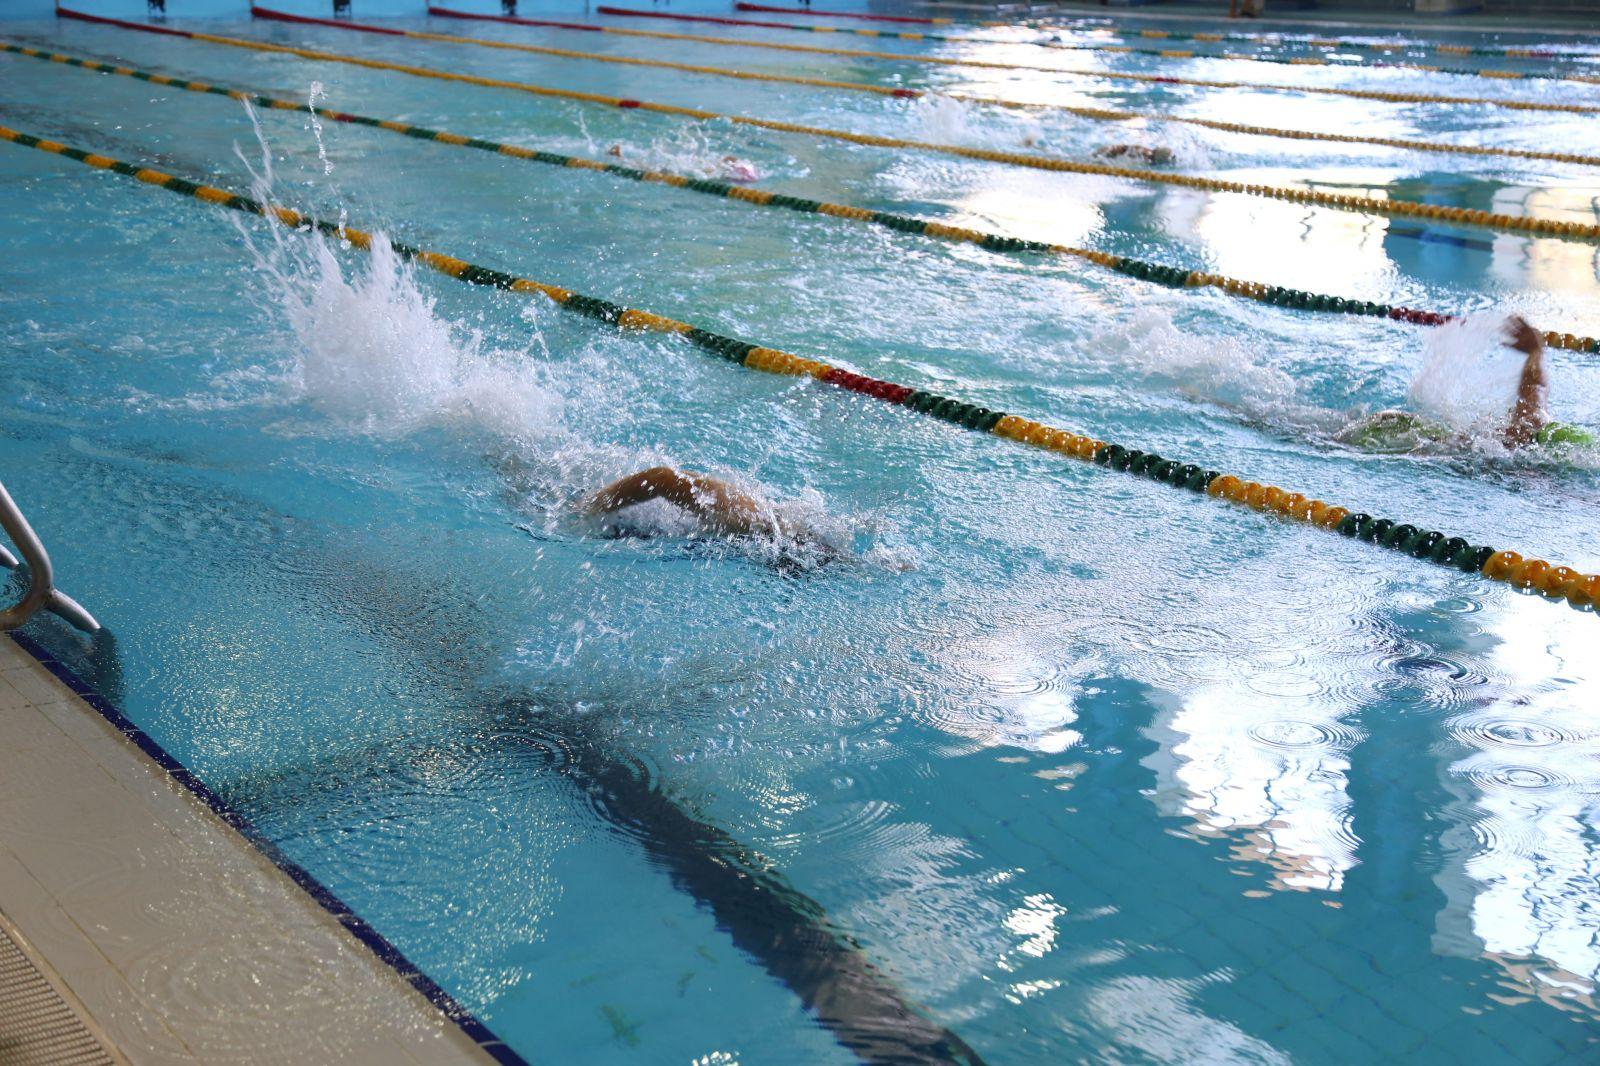 Представители Республики Башкортостан завоевали наибольшее количество медалей на 1 этапе Кубка России по плаванию спорта лиц с ПОДА в г. Салавате